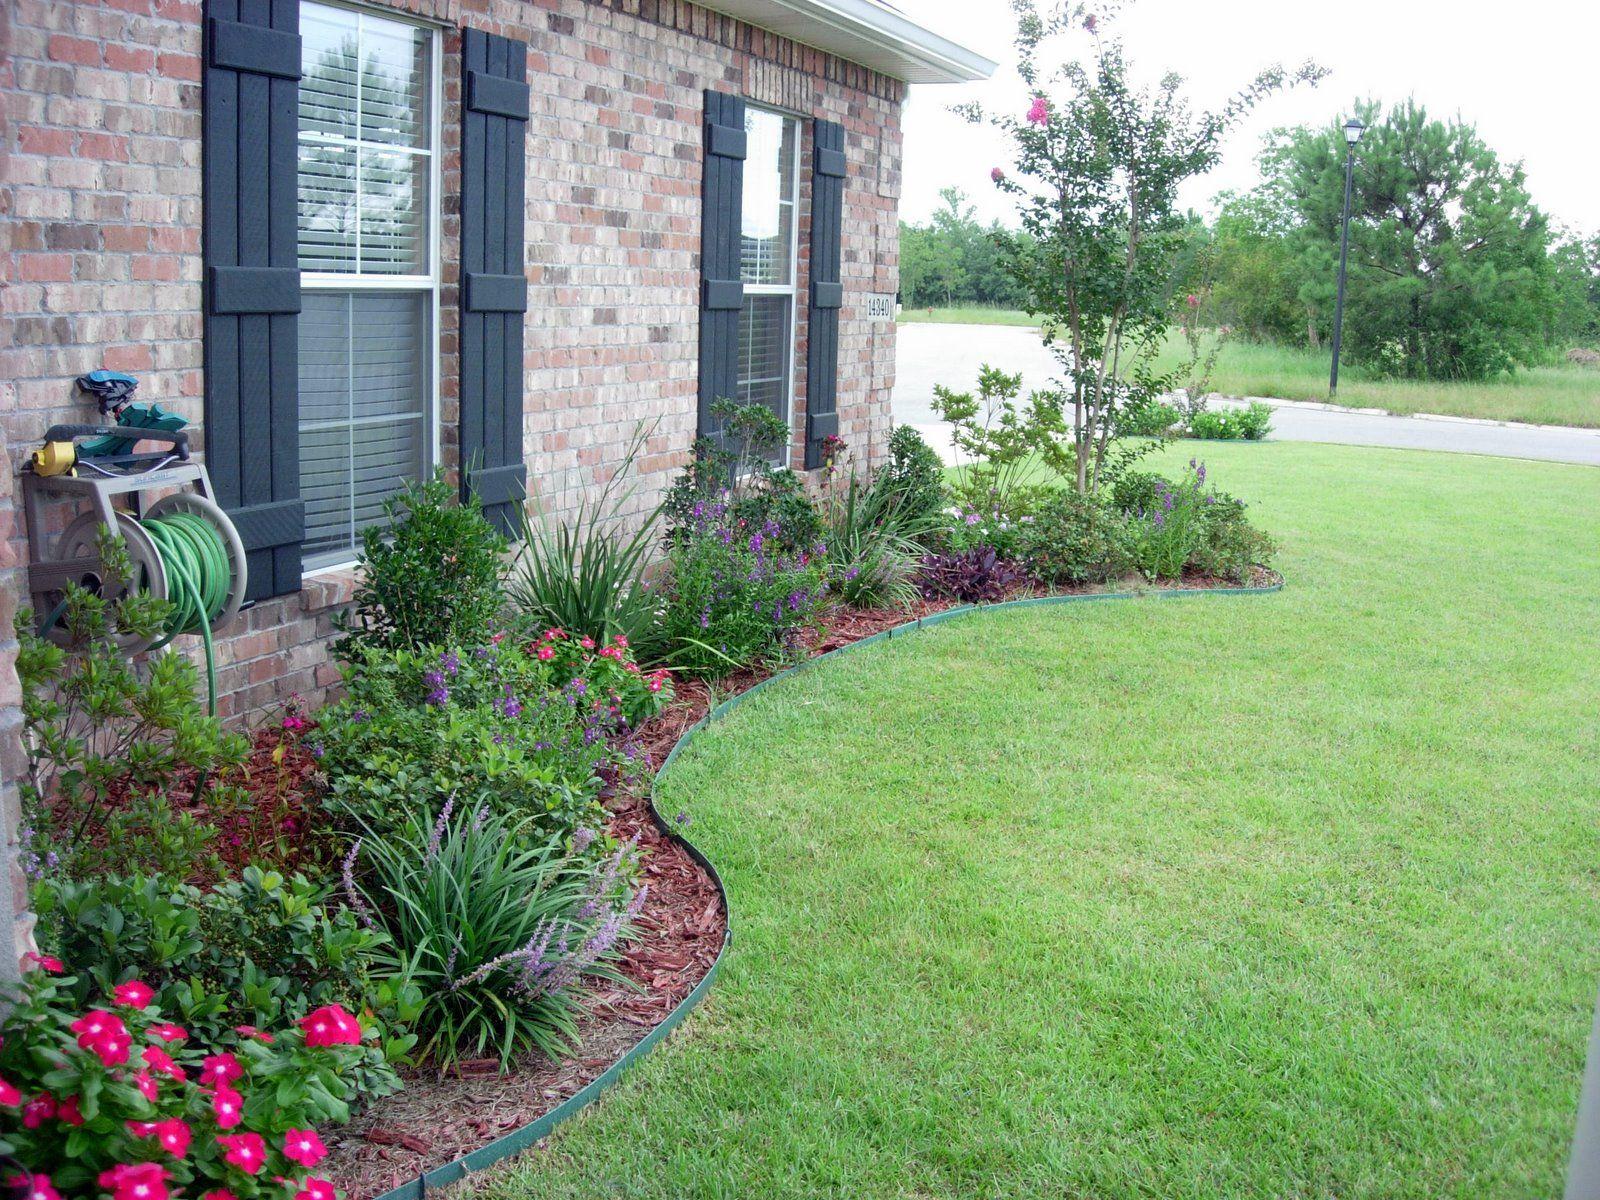 Extérieur | Aménagement De Jardin Devant La Maison ... concernant Idee Amenagement Jardin Devant Maison